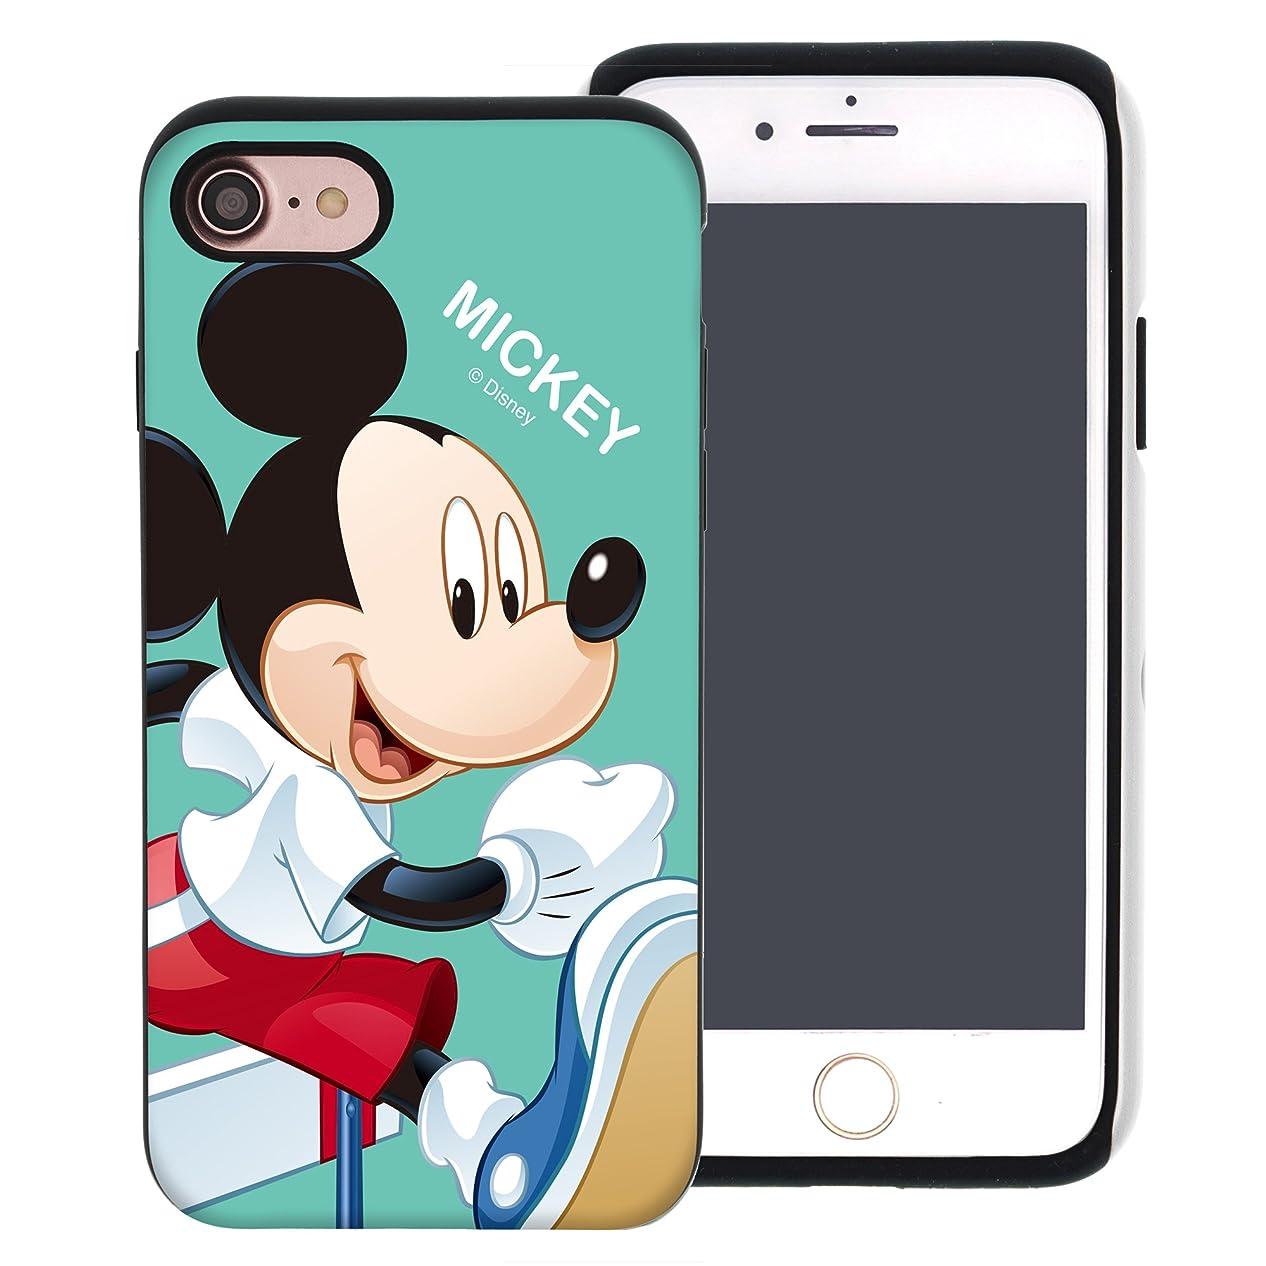 維持する立法無駄にiPhone 8 ケース iPhone 7 ケース Disney Mickey Mouse ディズニー ミッキーマウス ダブル バンパー ケース/二層構造 TPUケース + PCカバー/デュアルレイヤー 耐衝撃 薄型 衝撃吸収 【 アイフォン8 ケース / アイフォン7 ケース (4.7